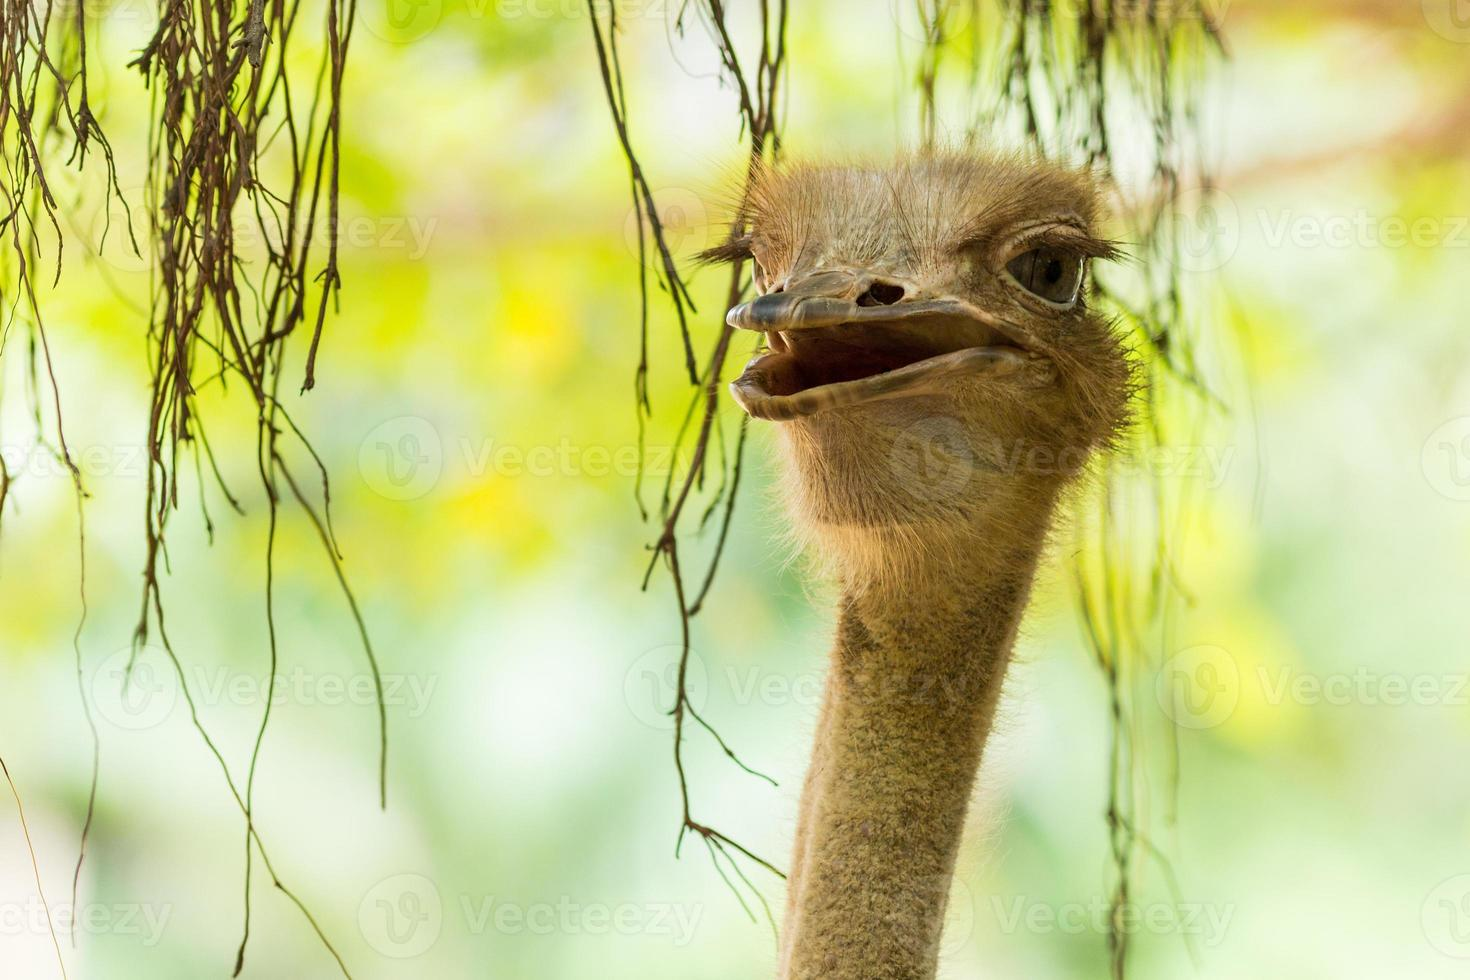 struisvogel vogel. foto